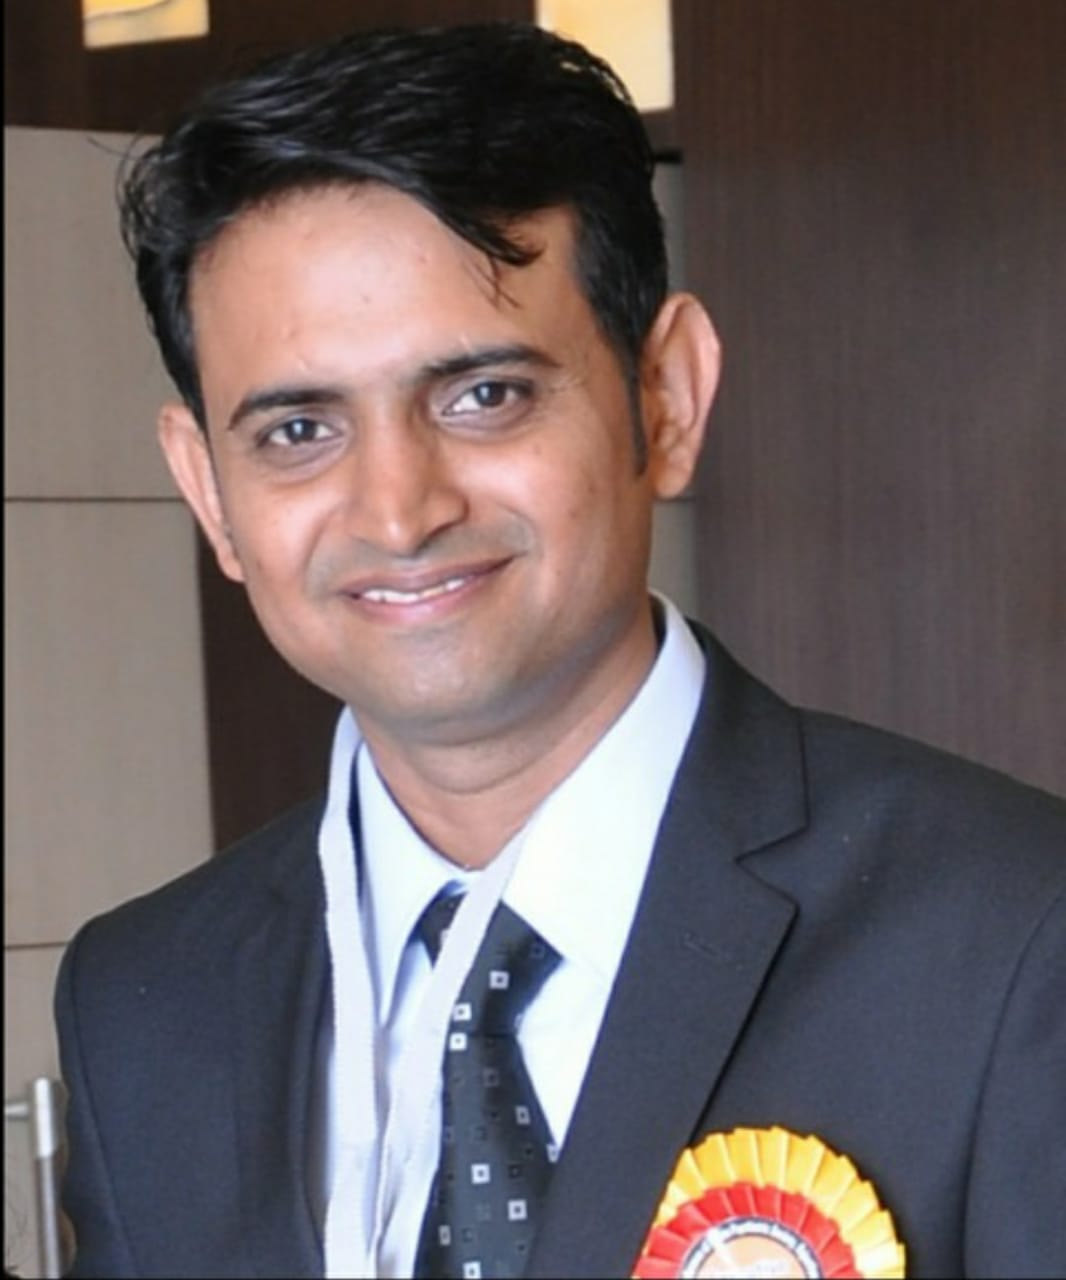 डॉ जितेंद्र जिंगर भारतीय मनोरोग समाज राजस्थान चैप्टर के होंगे महासचिव